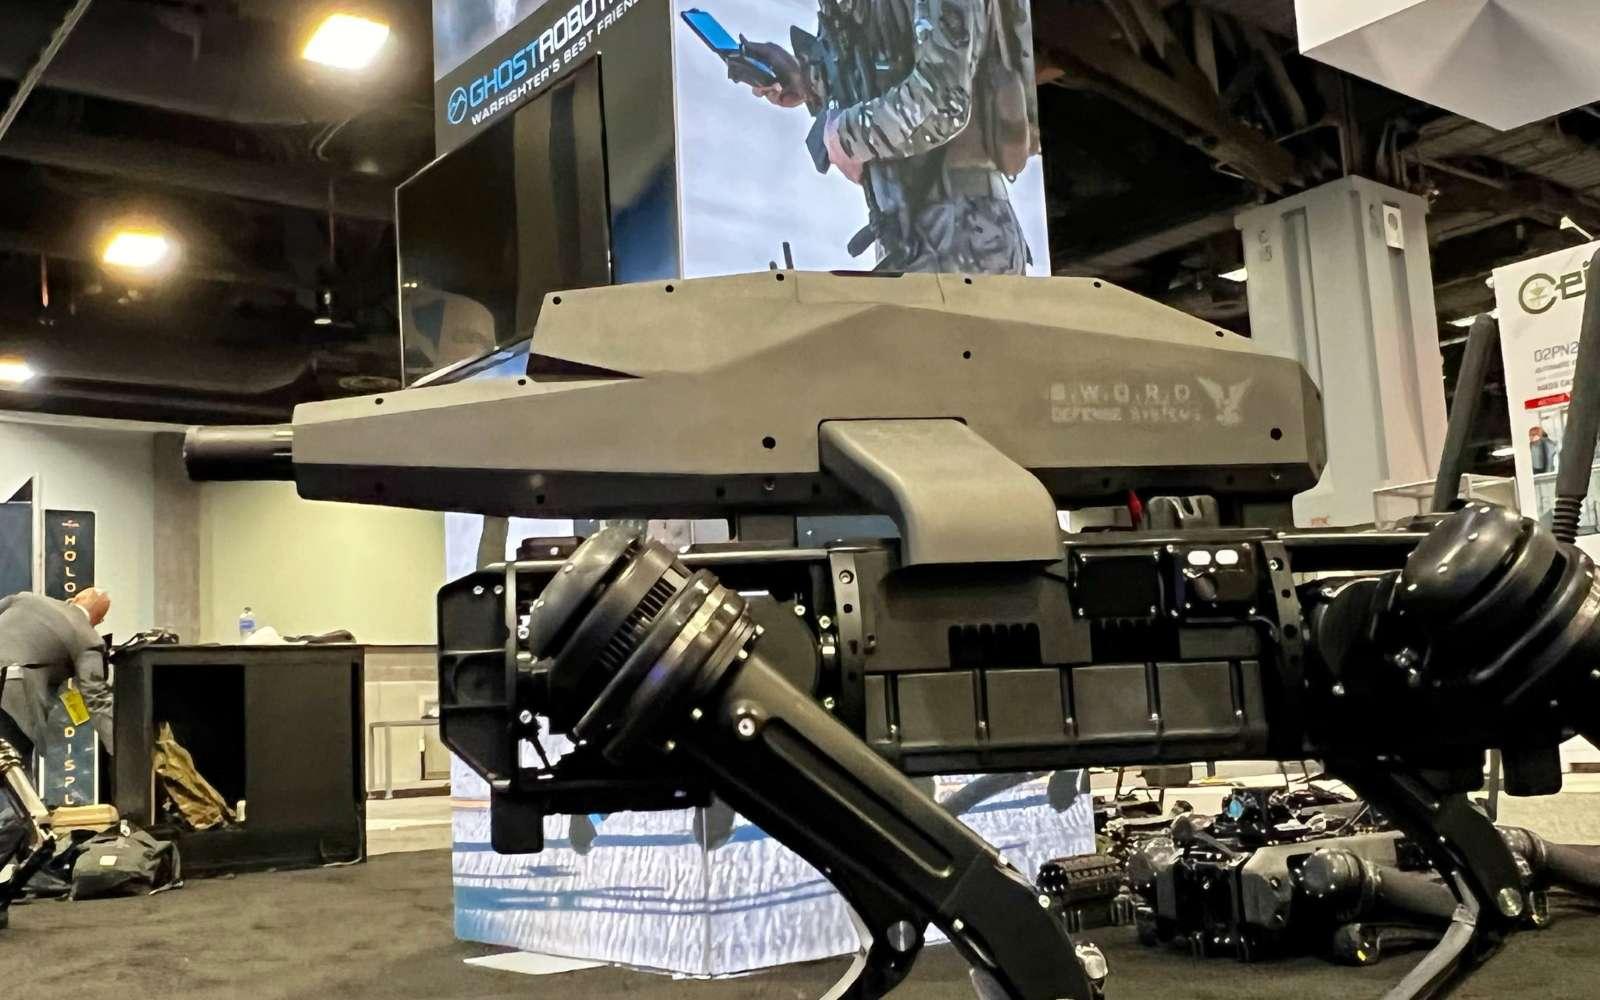 Un robot-chien armé d'un fusil d'assaut, voici la proposition de Ghost Robotics pour l'armée américaine. © Ghost Robotics